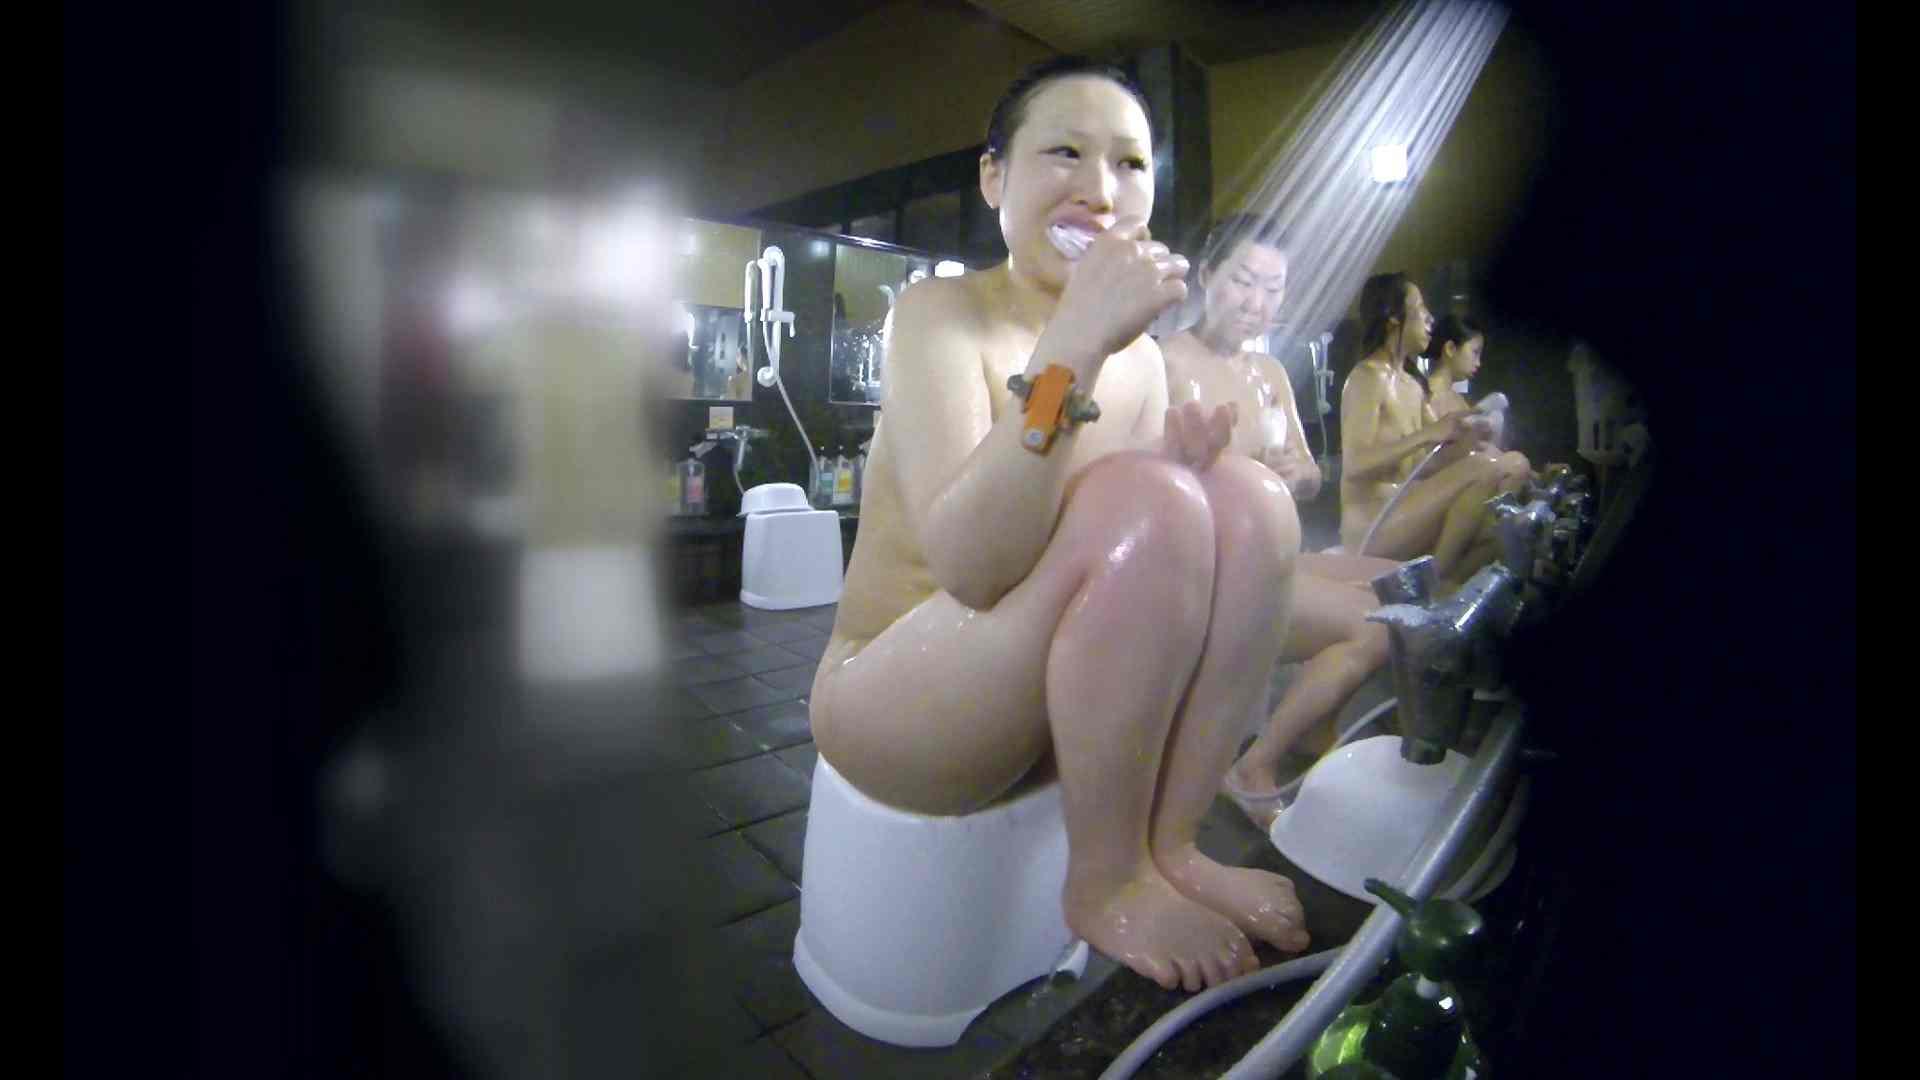 洗い場!米粉パンかのようなもっちり感。あっ!具が! 銭湯   潜入エロ調査  99連発 15